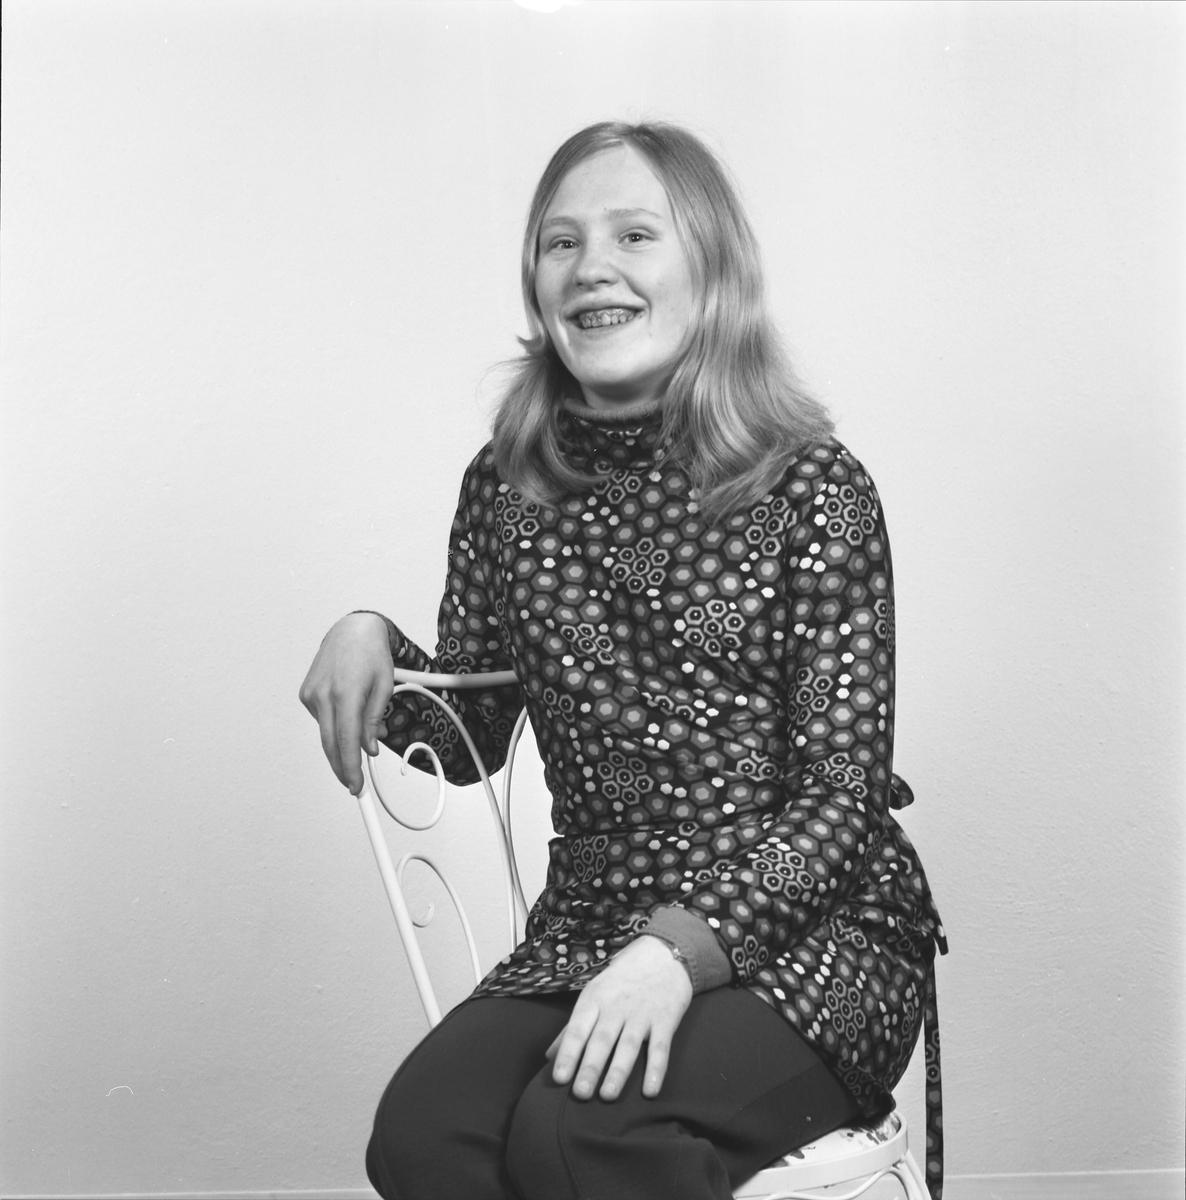 Portrett. Ung kvinne. Bestilt av Jorunn Ommundsen. Sørhaug